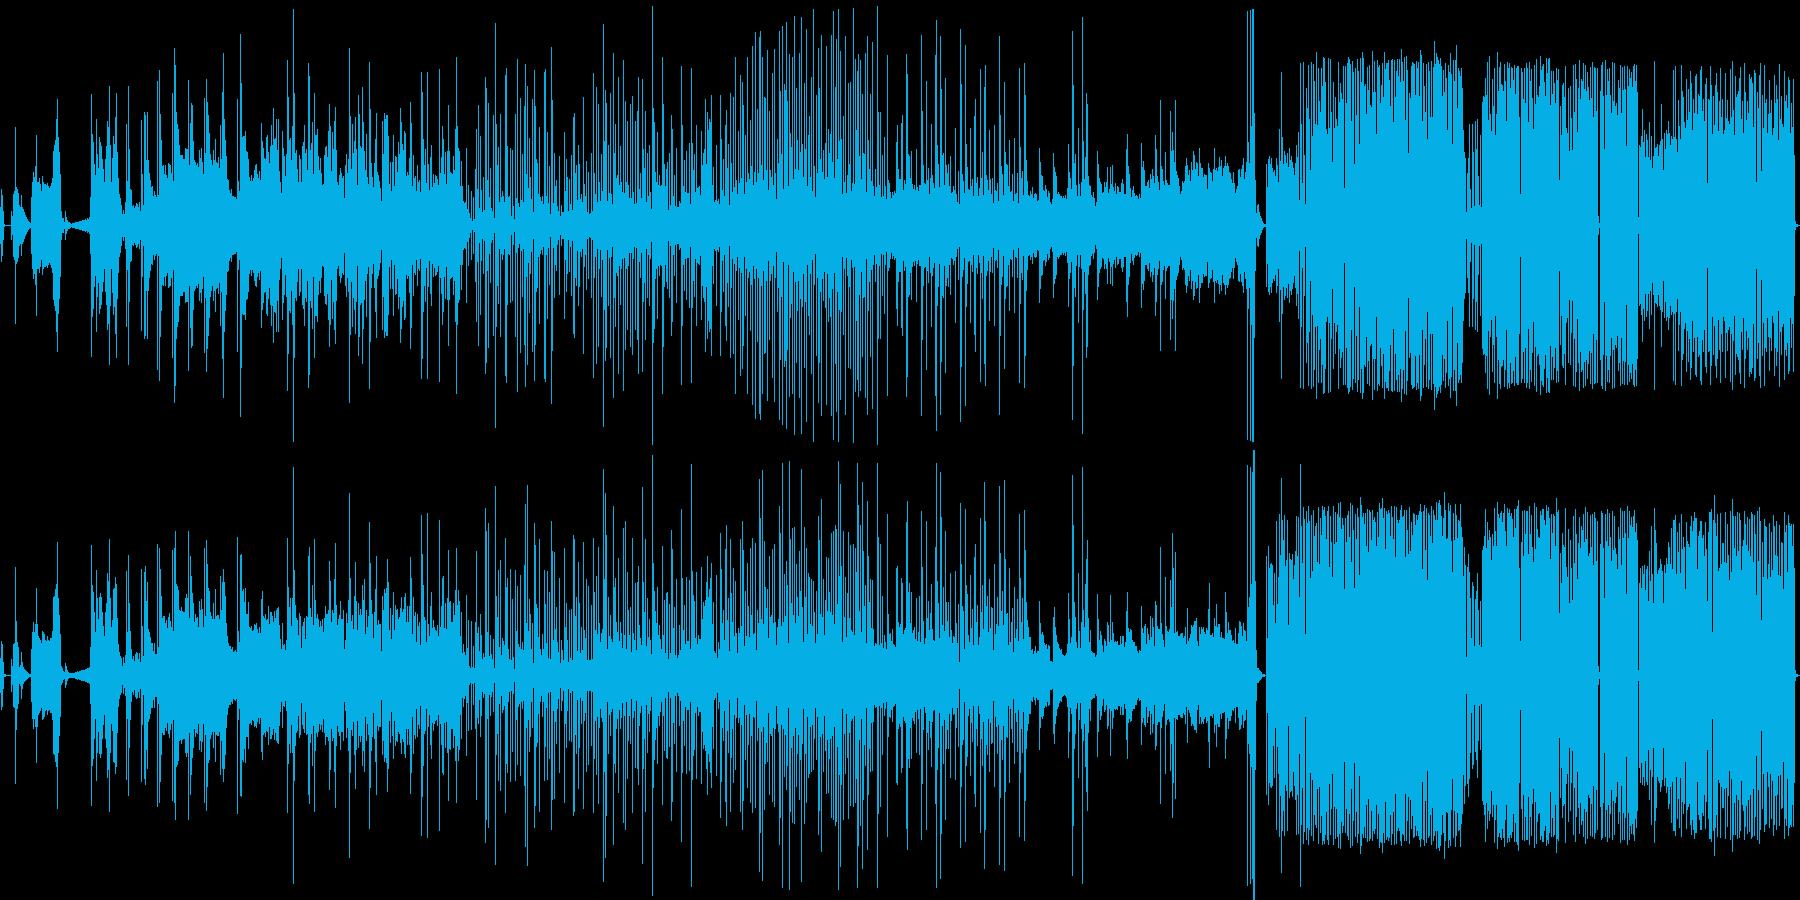 コンピュータサウンド〜3部作〜の再生済みの波形